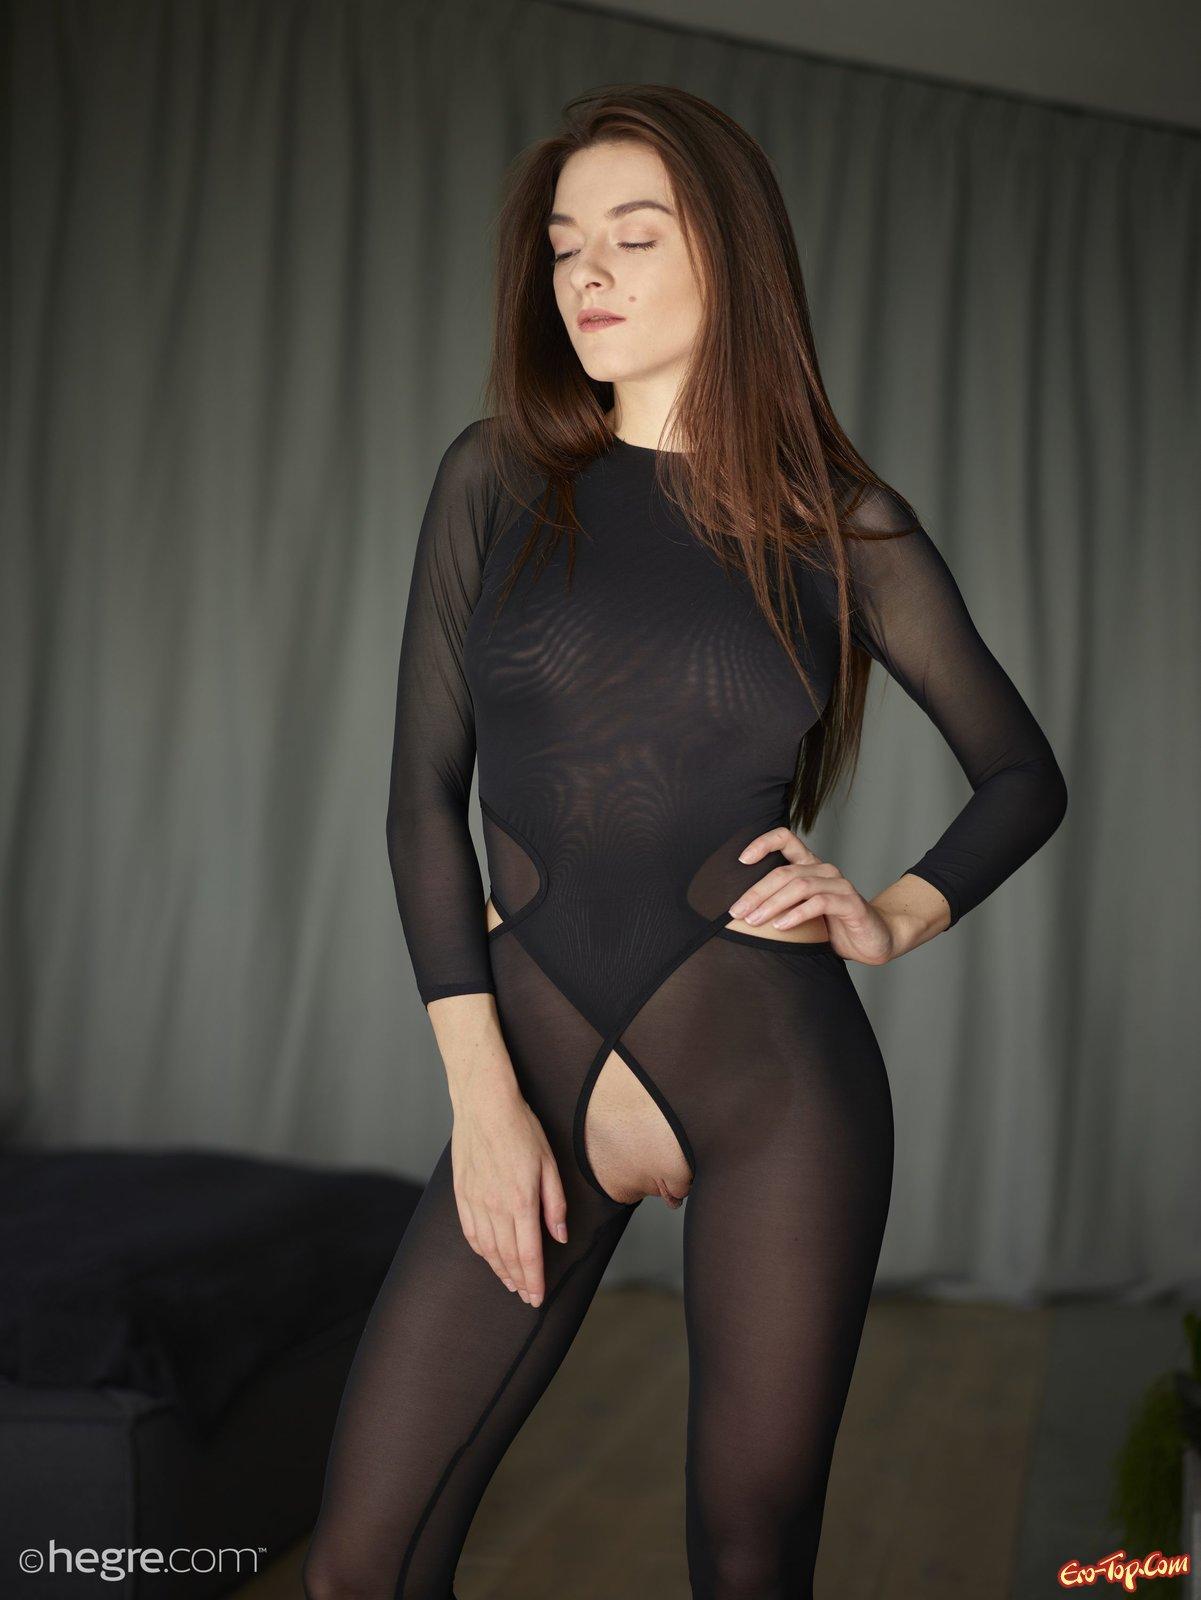 Сексапильная деваха позирует в капроновом костюме